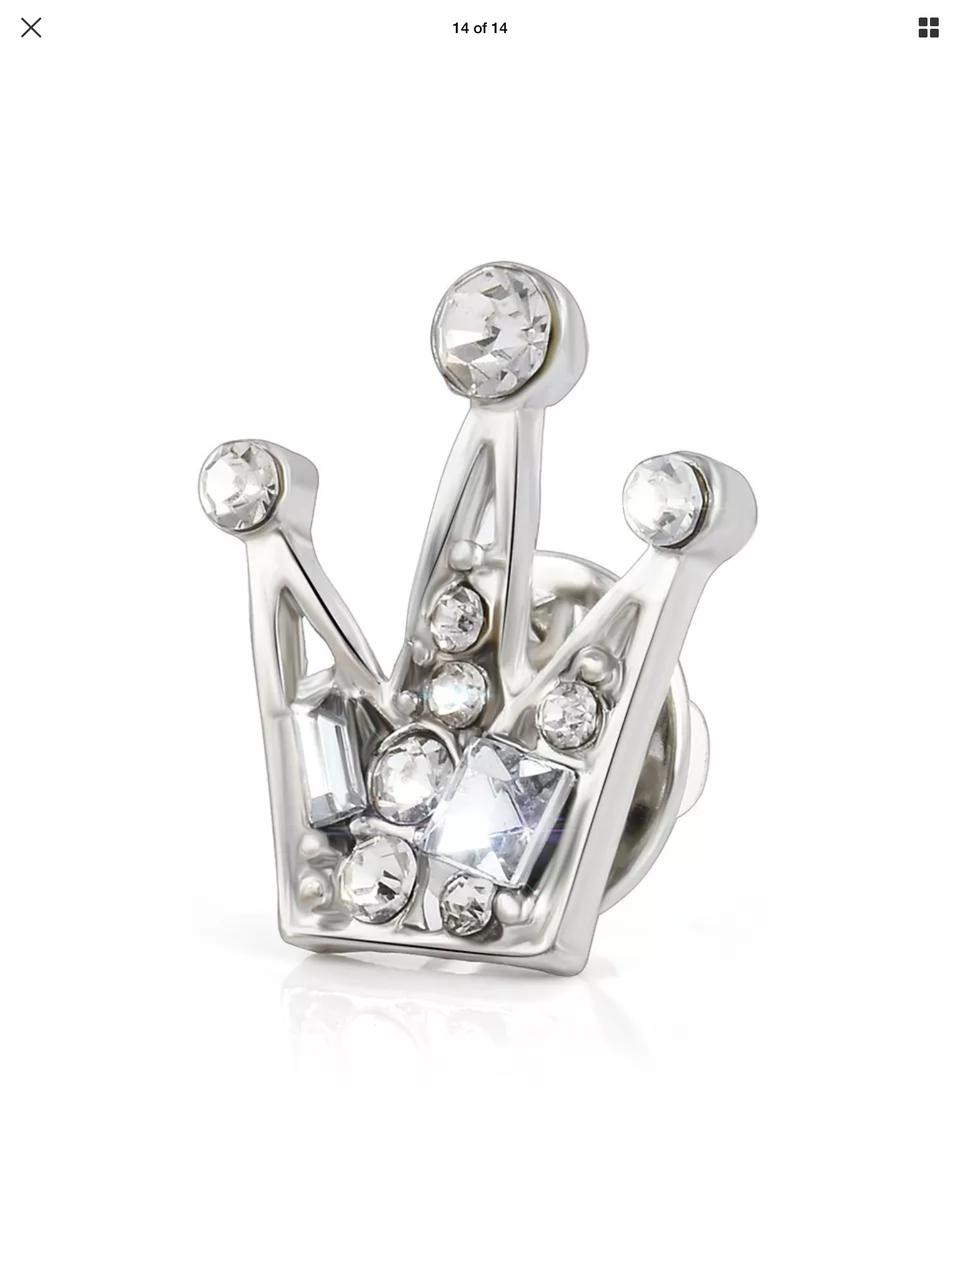 Брошь унисекс стильная с камнями под серебро «Corona»